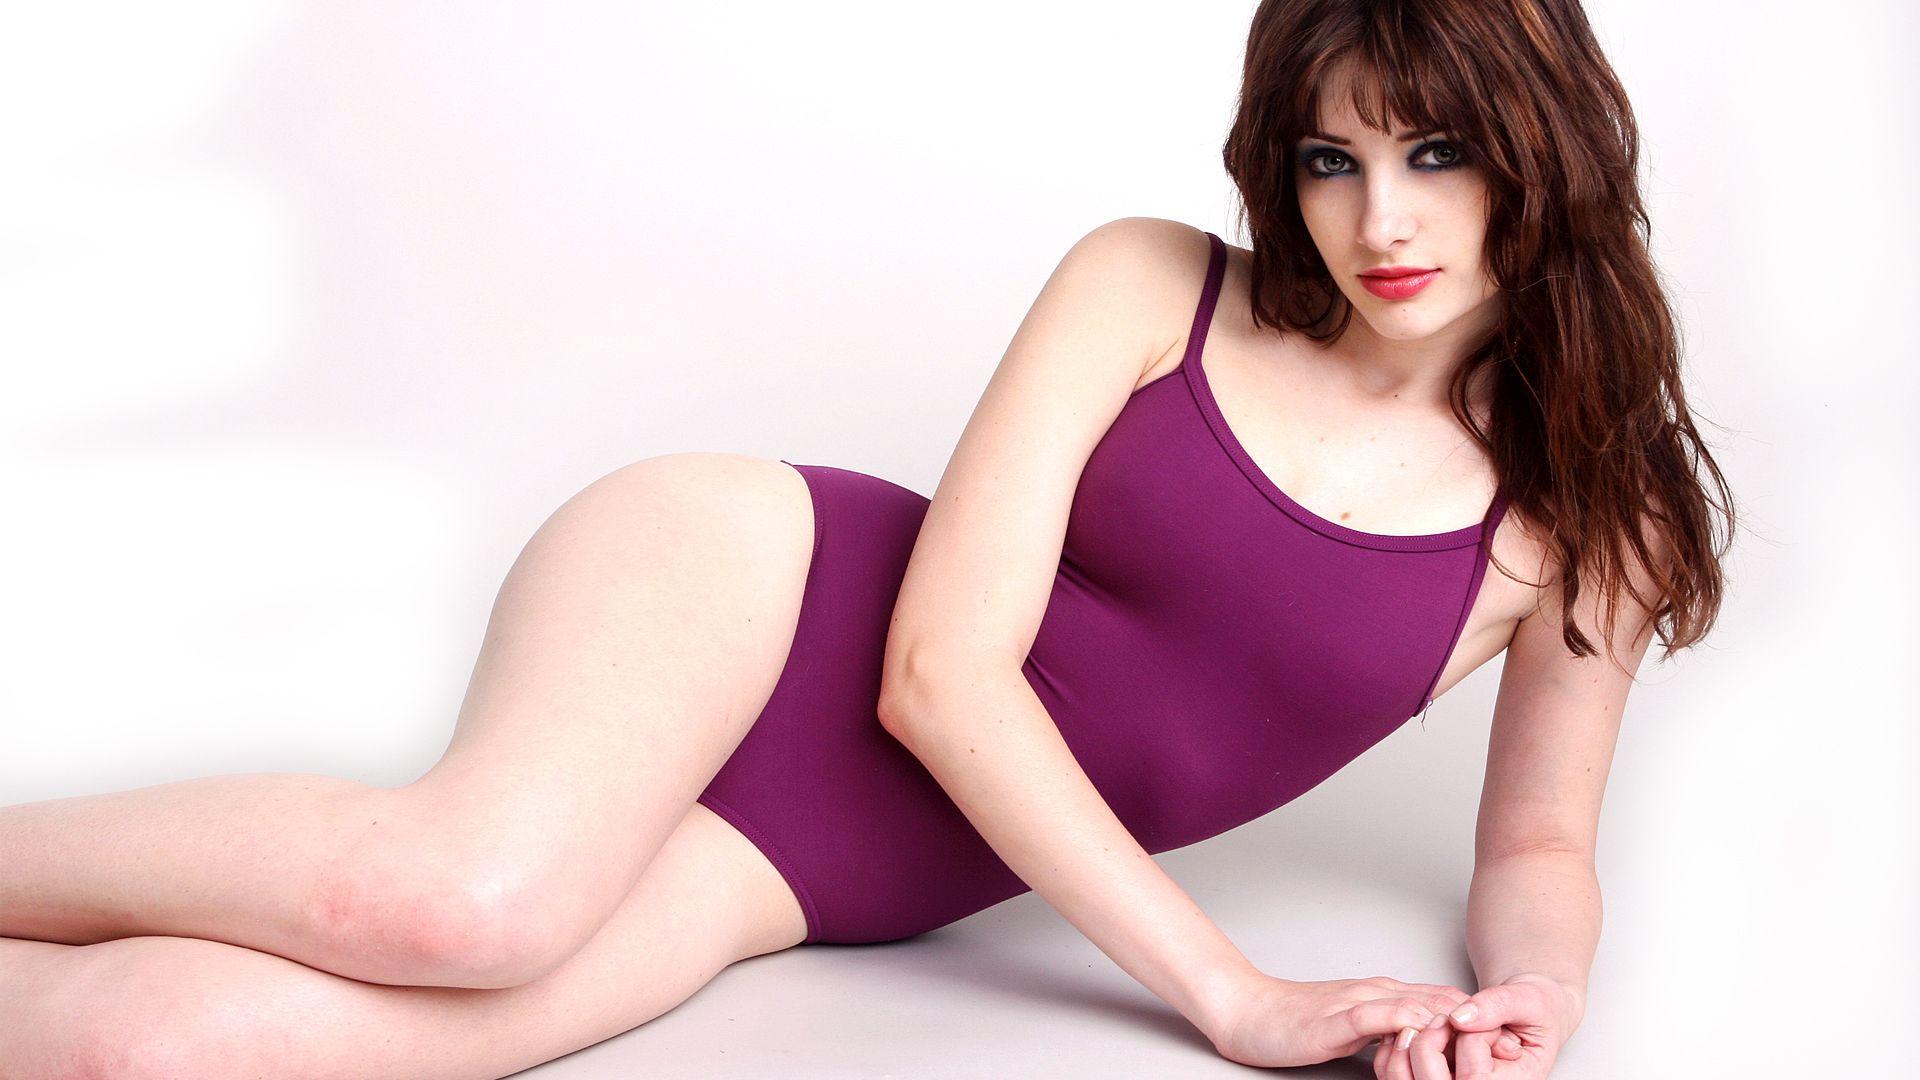 amanda-marcum-nude-pics